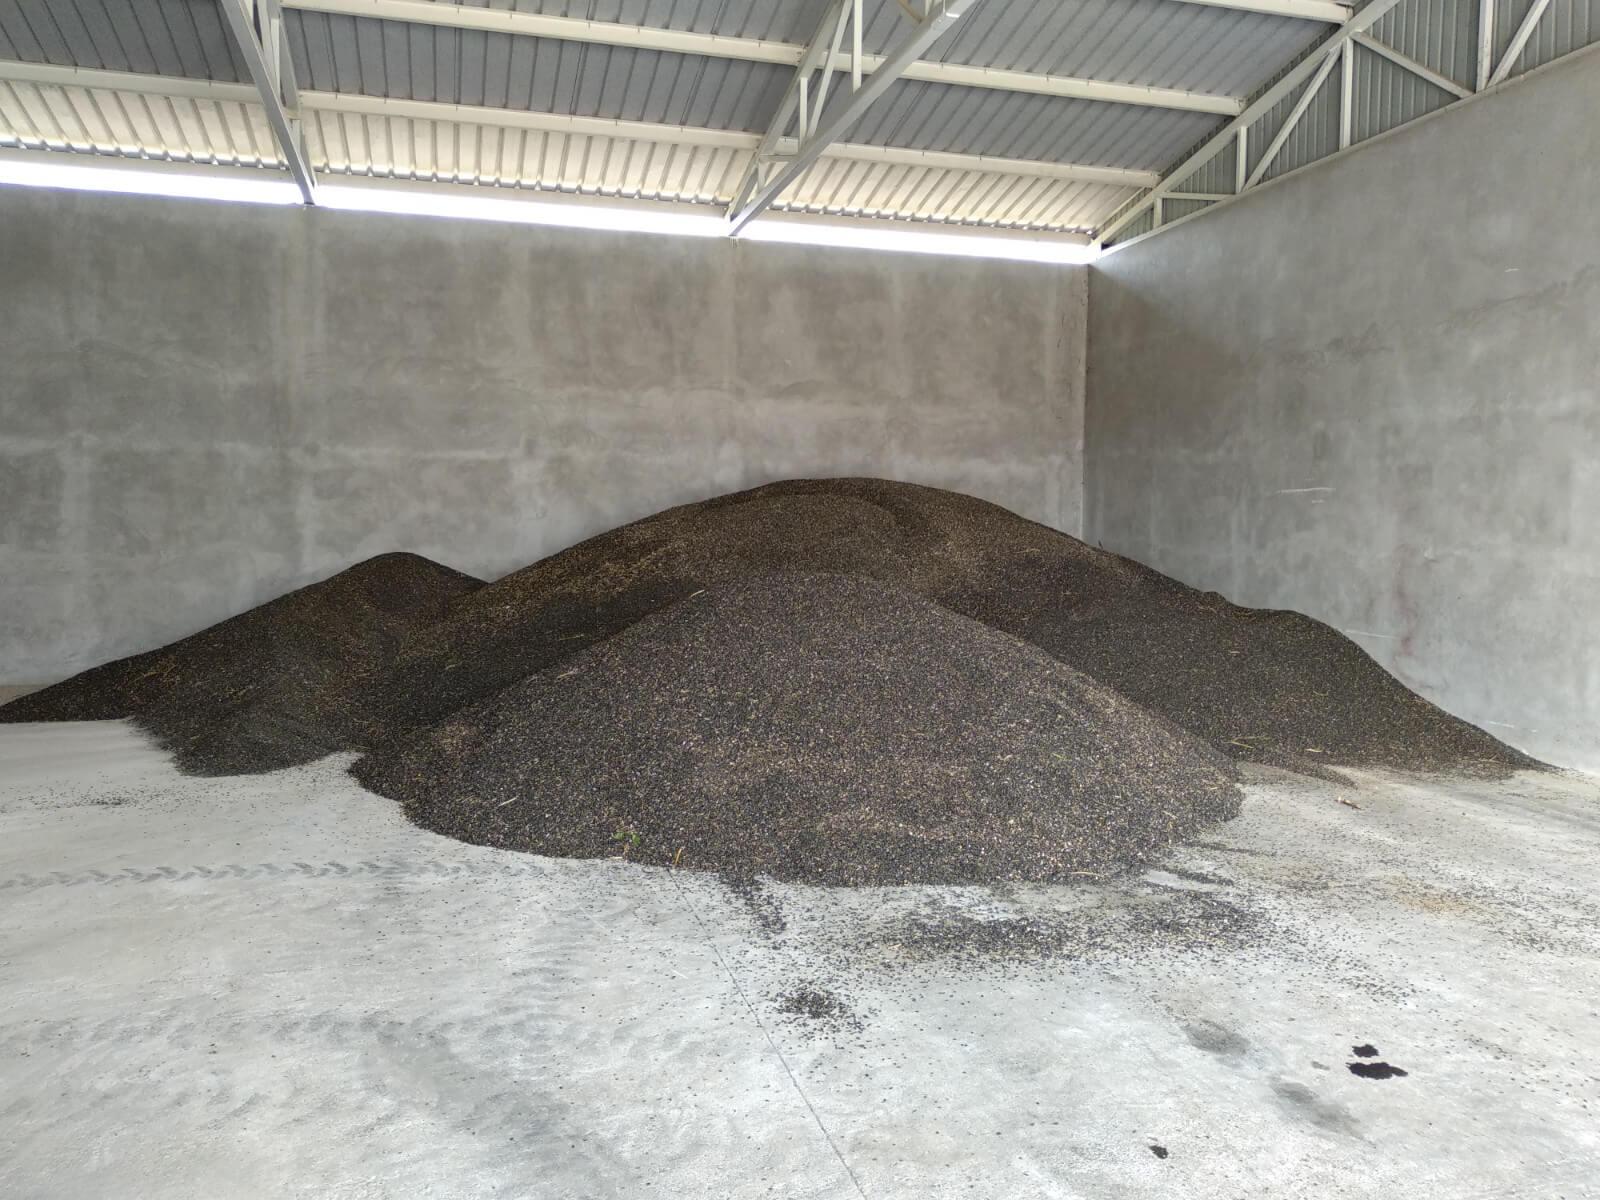 foto: već otkupljeno 500 t suncokreta